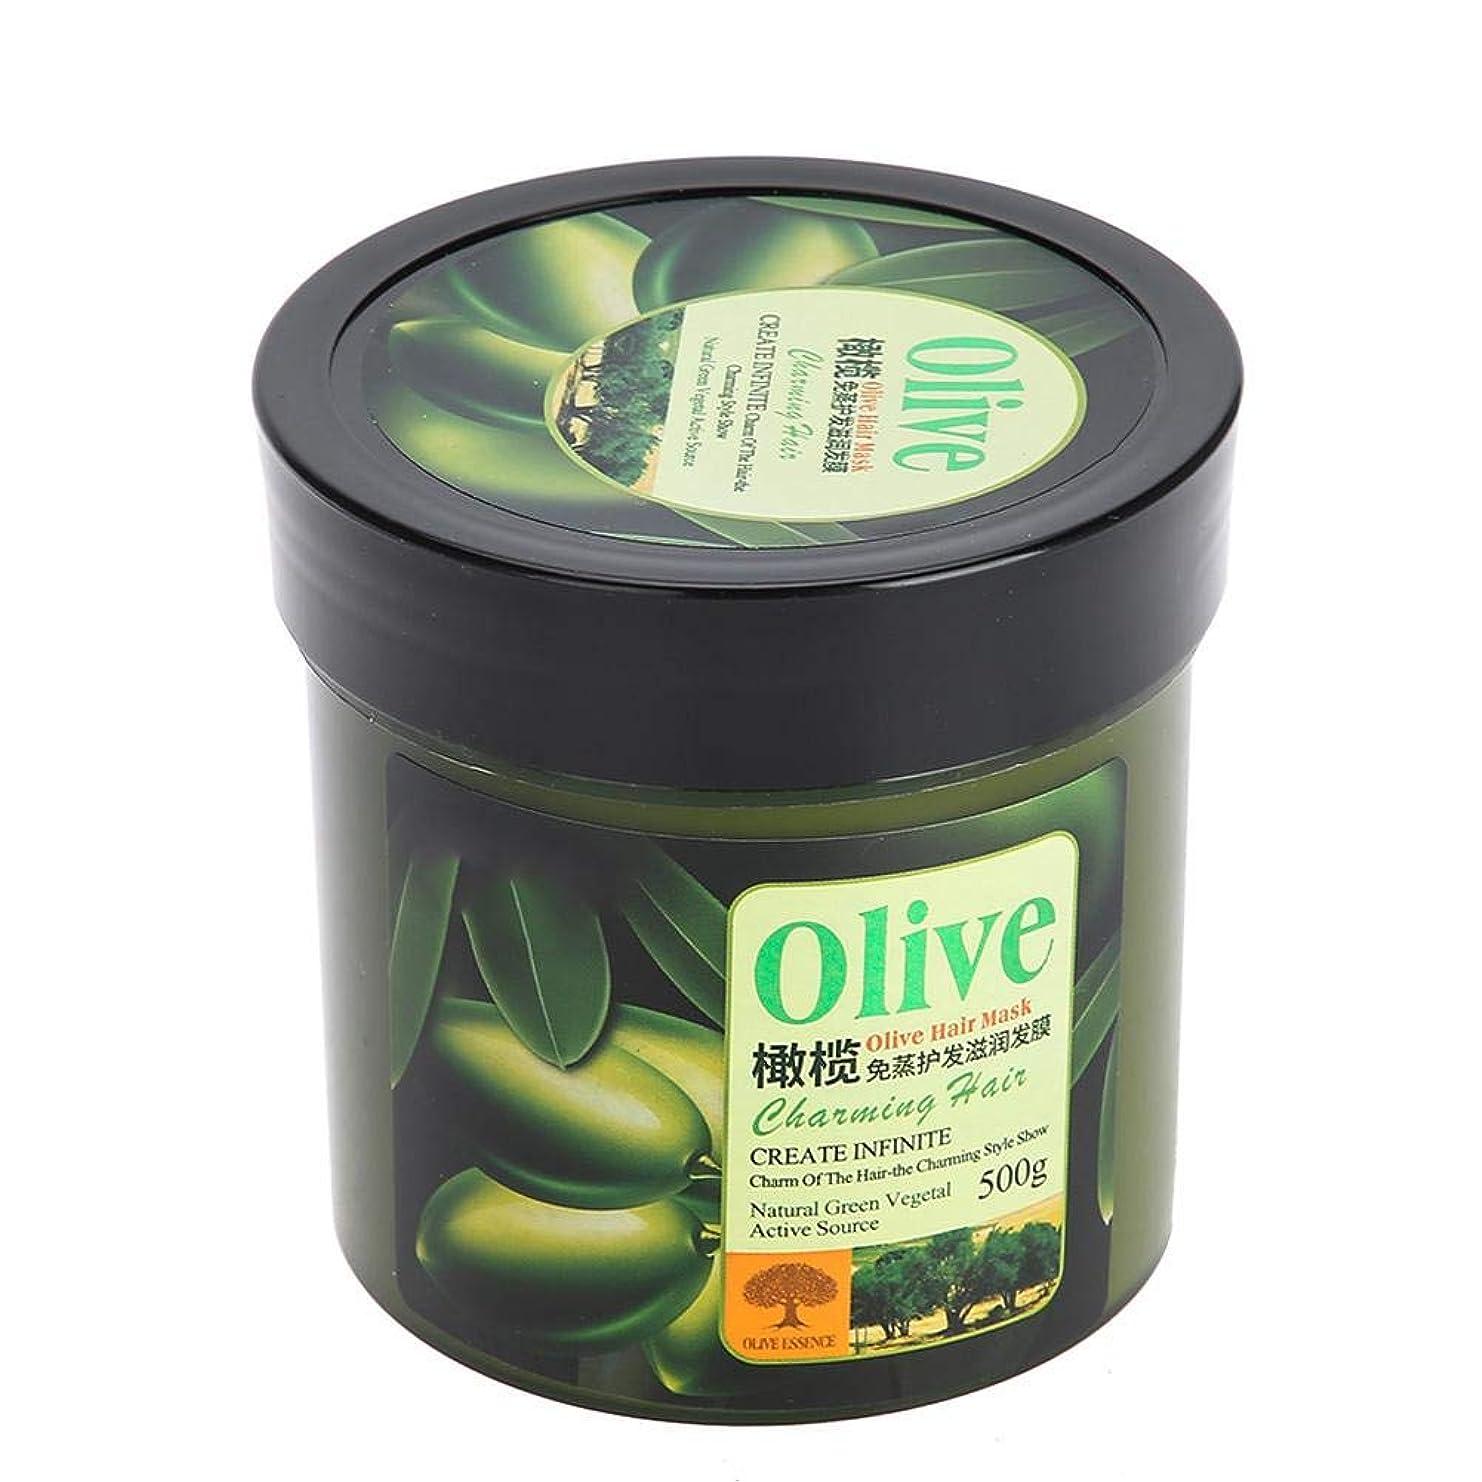 レモン日記予感ヘアマスク、乾燥した髪を養うことができるオリーブエッセンスが含まれていますヘアケアヘルシーヘアサロン使用ツール500g